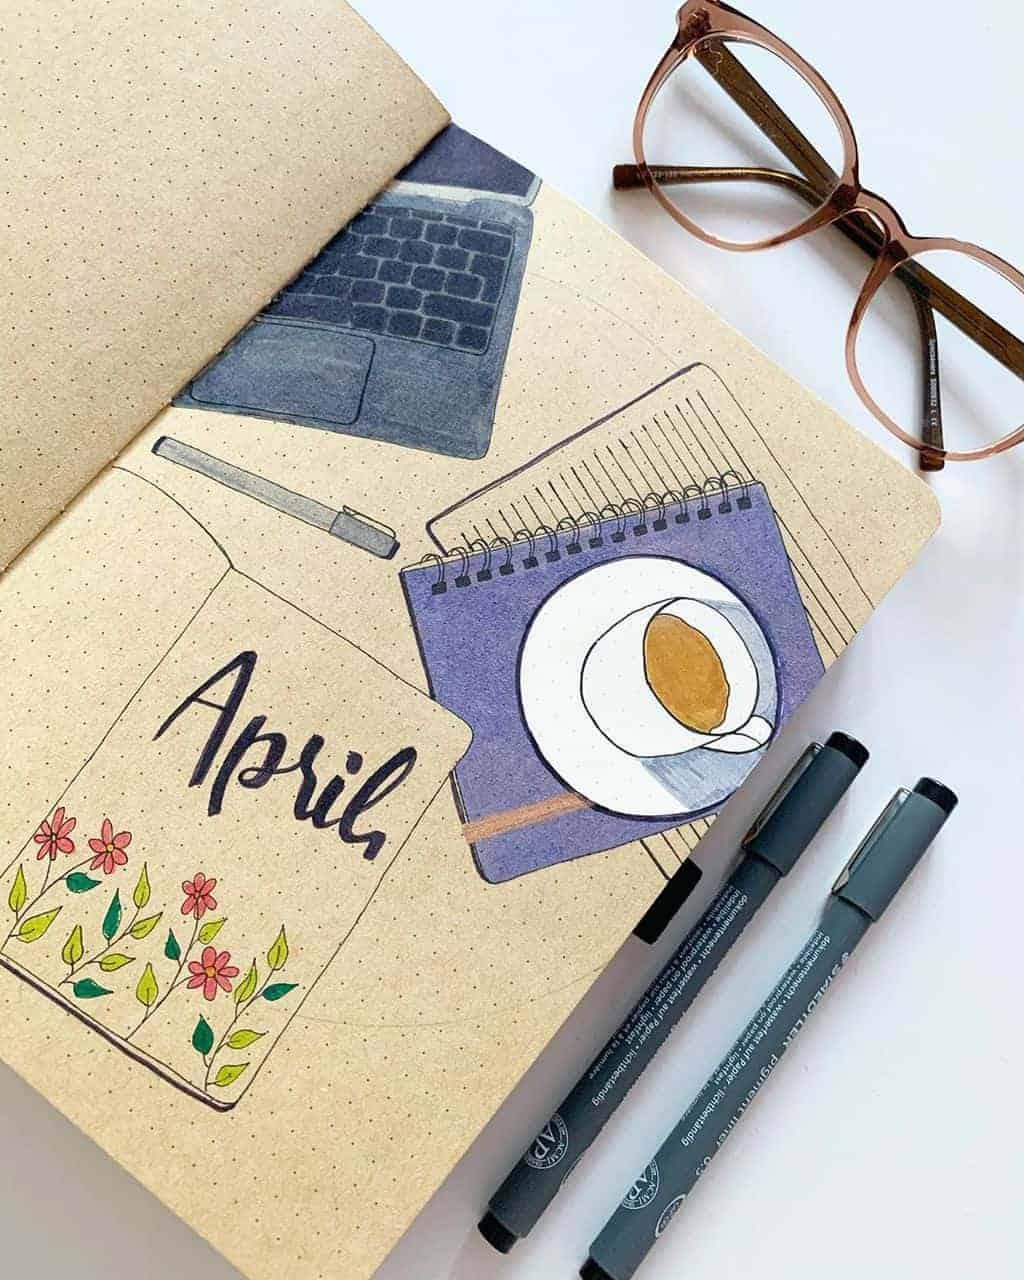 Kraft Paper Journal s[pread by @h_e_doodles | Masha Plans